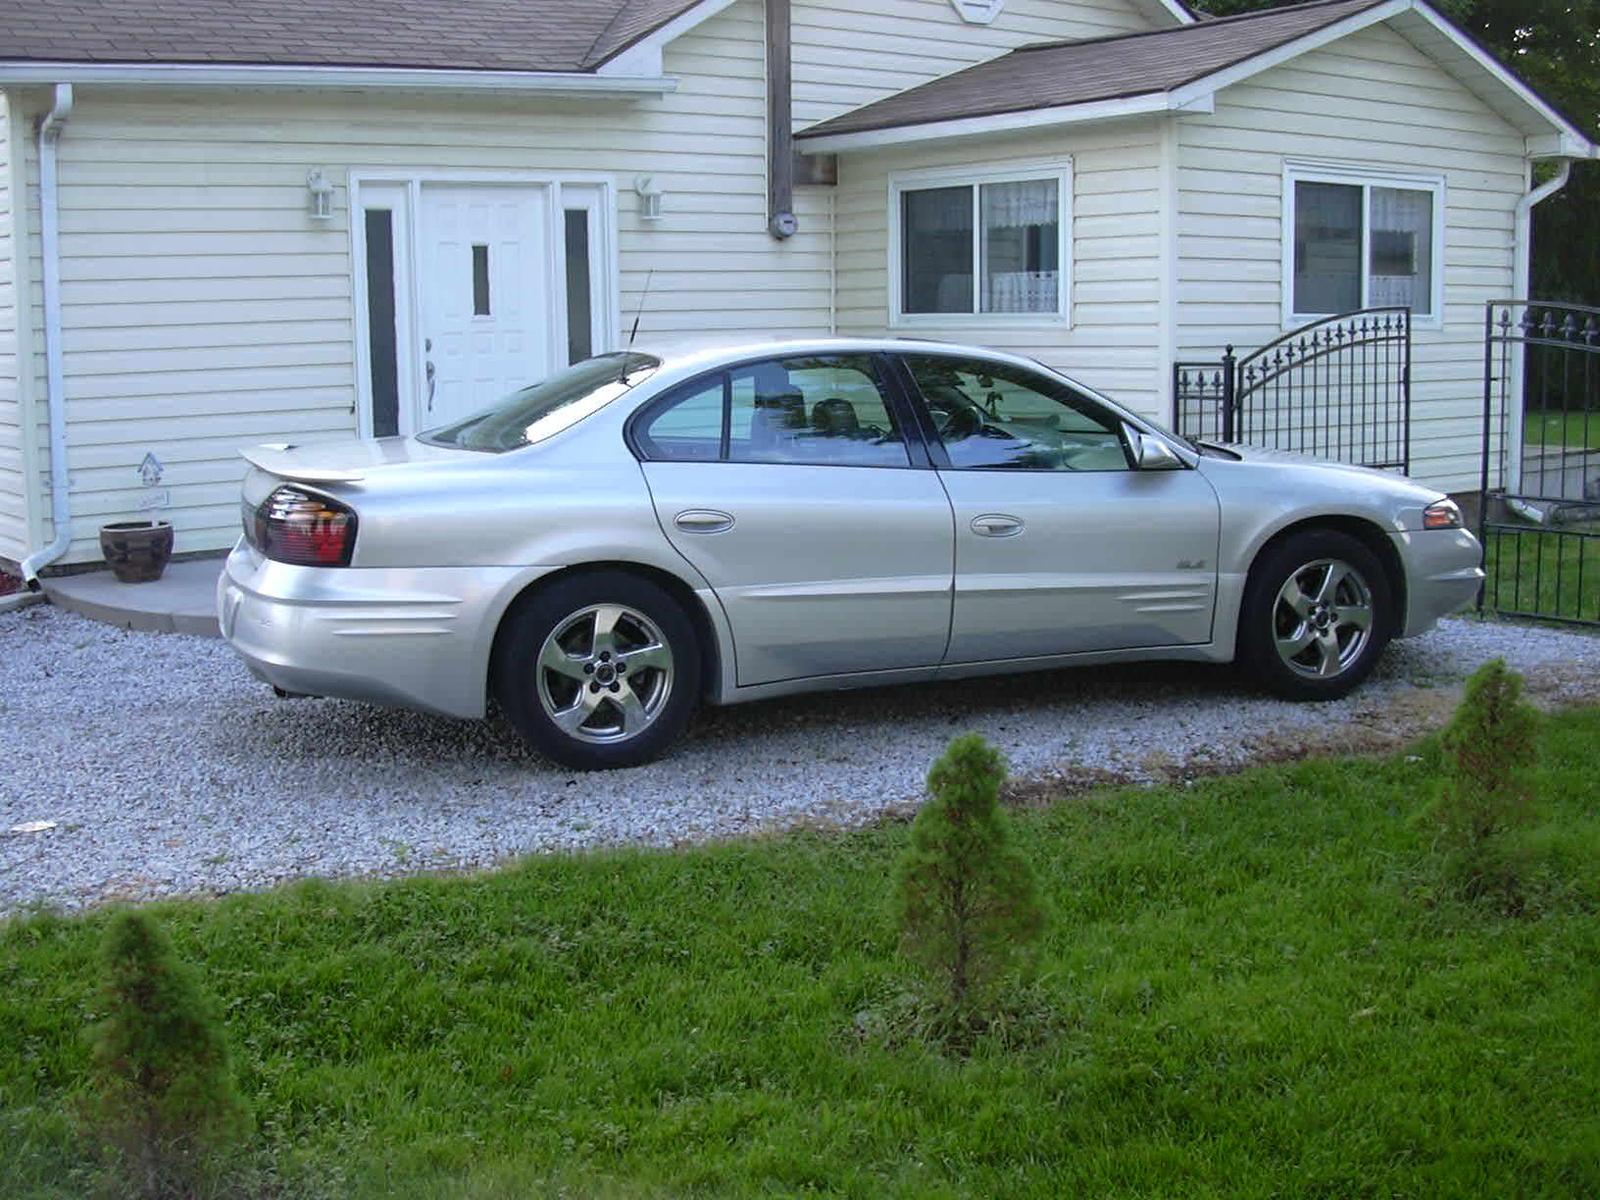 2002 Pontiac Bonneville SLE - Pictures - 2002 Pontiac Bonneville SLE ...